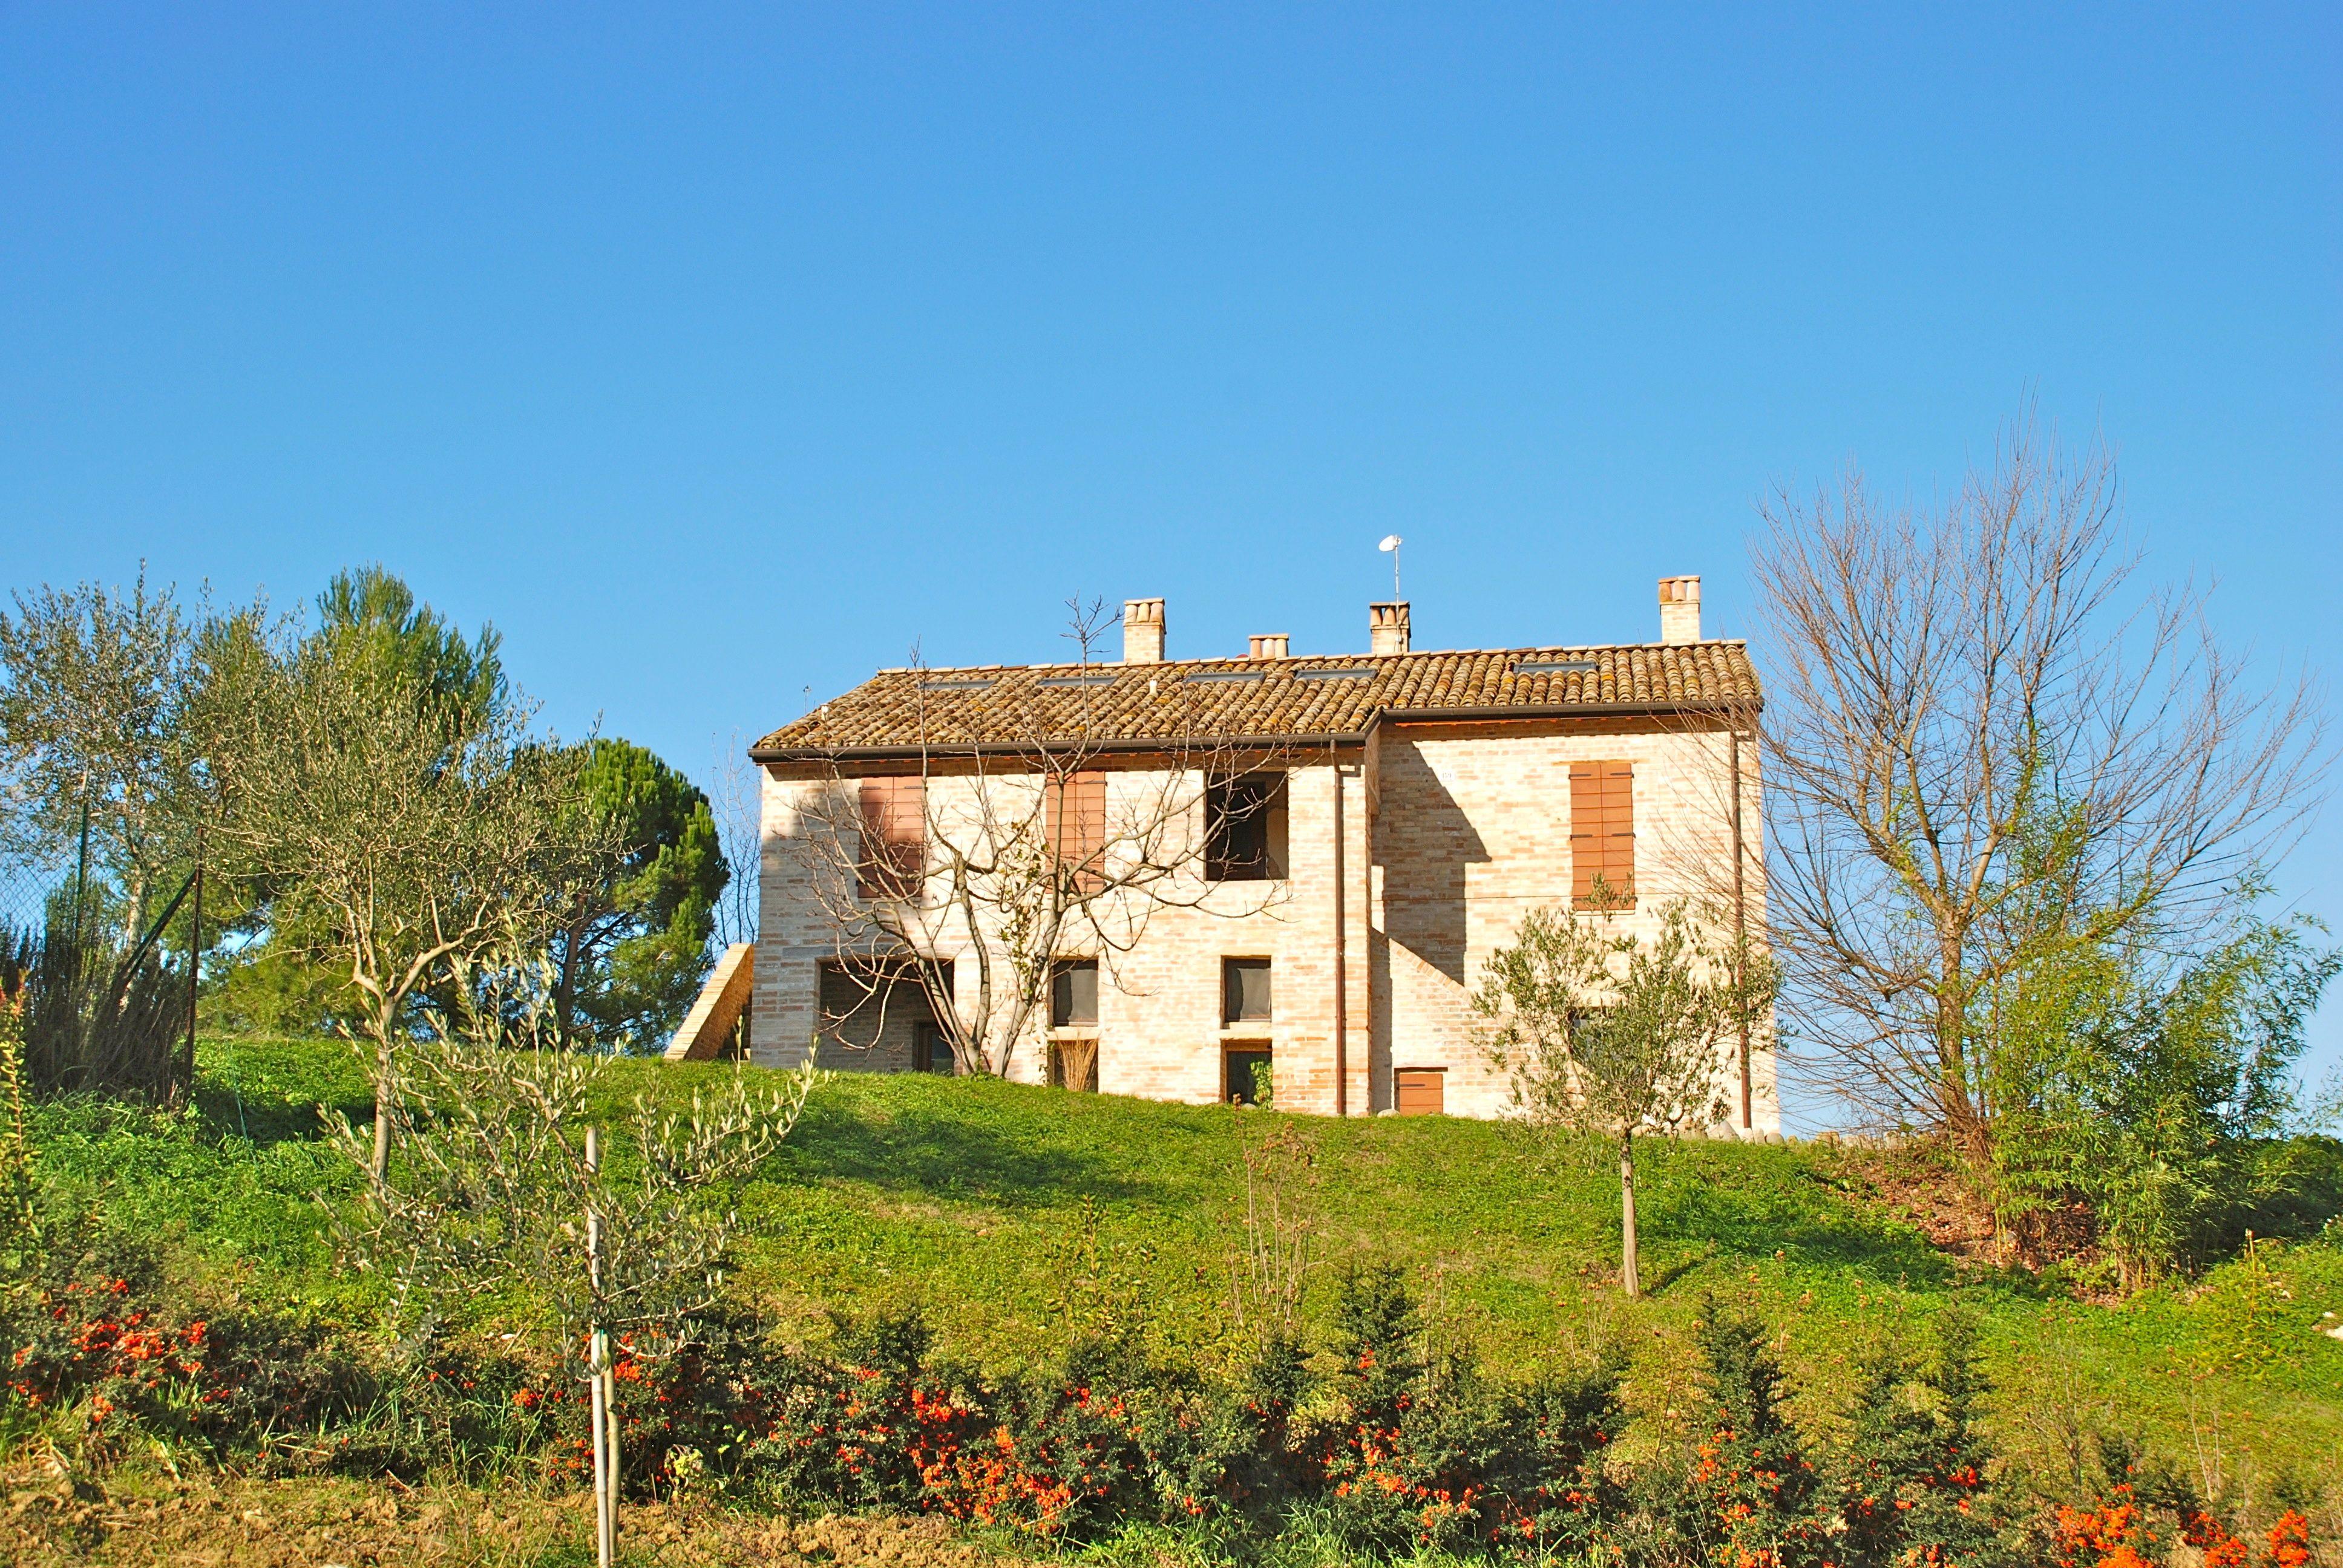 Ferienwohnung Il Casale di Giovanna - Rosemary (2123980), San Venanzo, Ascoli Piceno, Marken, Italien, Bild 4